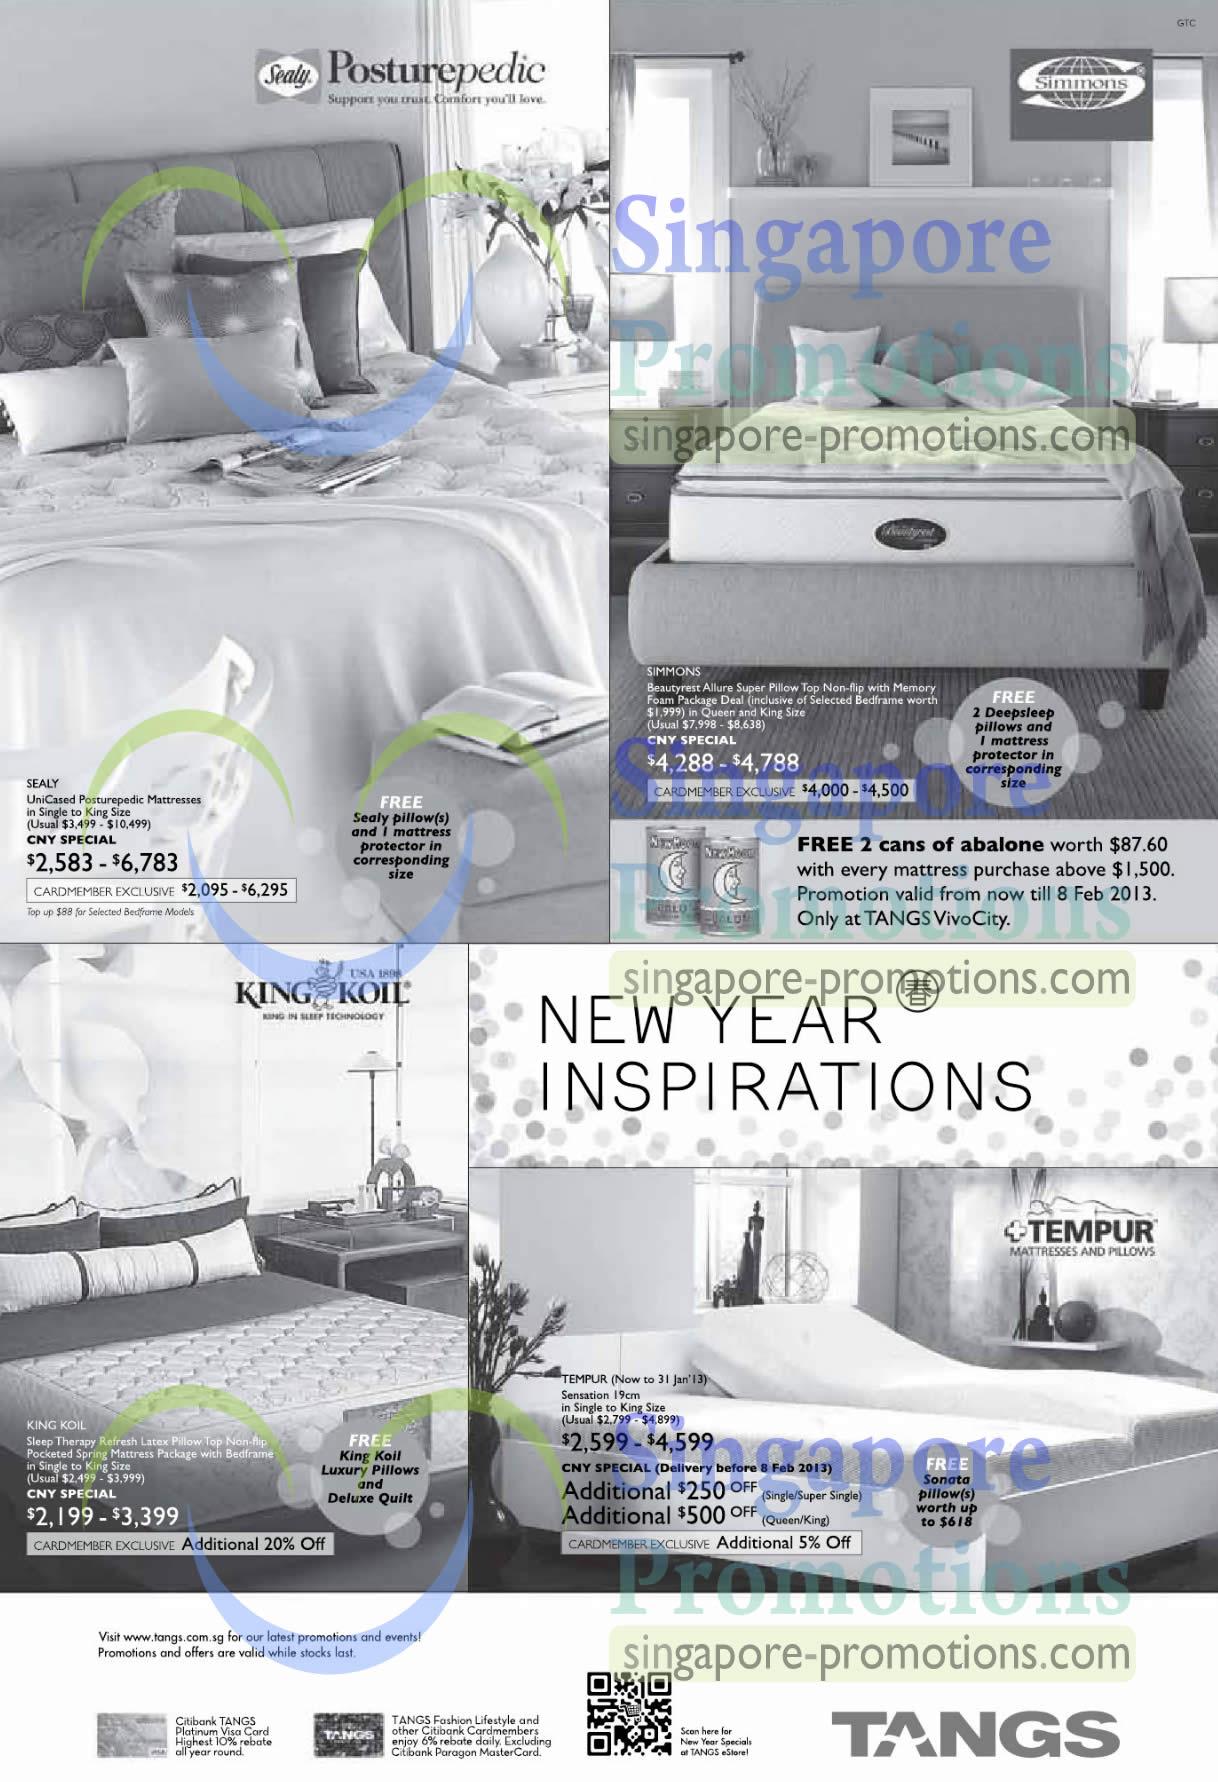 Simmons Beautyrest Allure Mattress, King Koil Sleep Therapy Mattress, Tempur Sensation Mattress